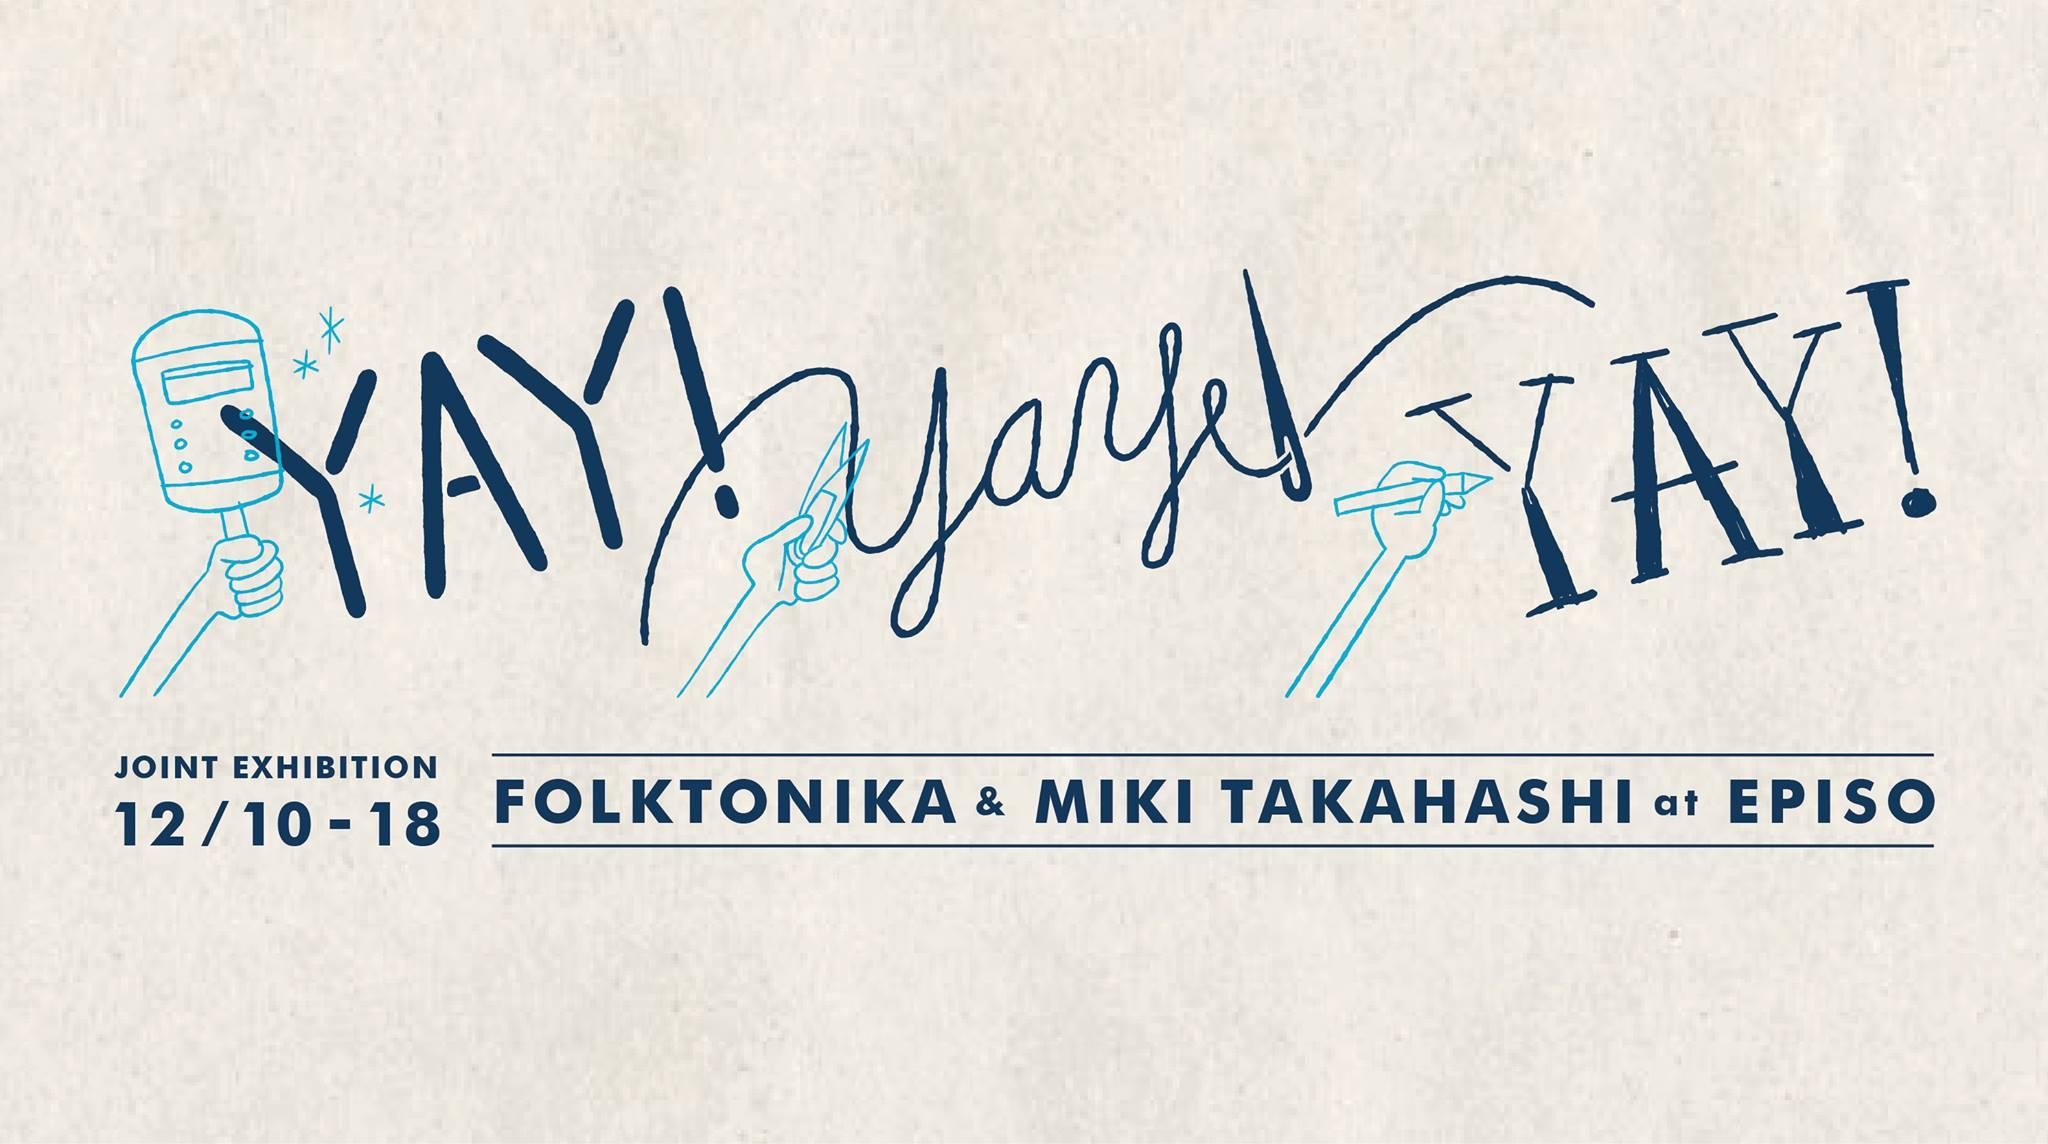 yayyayyay_banner